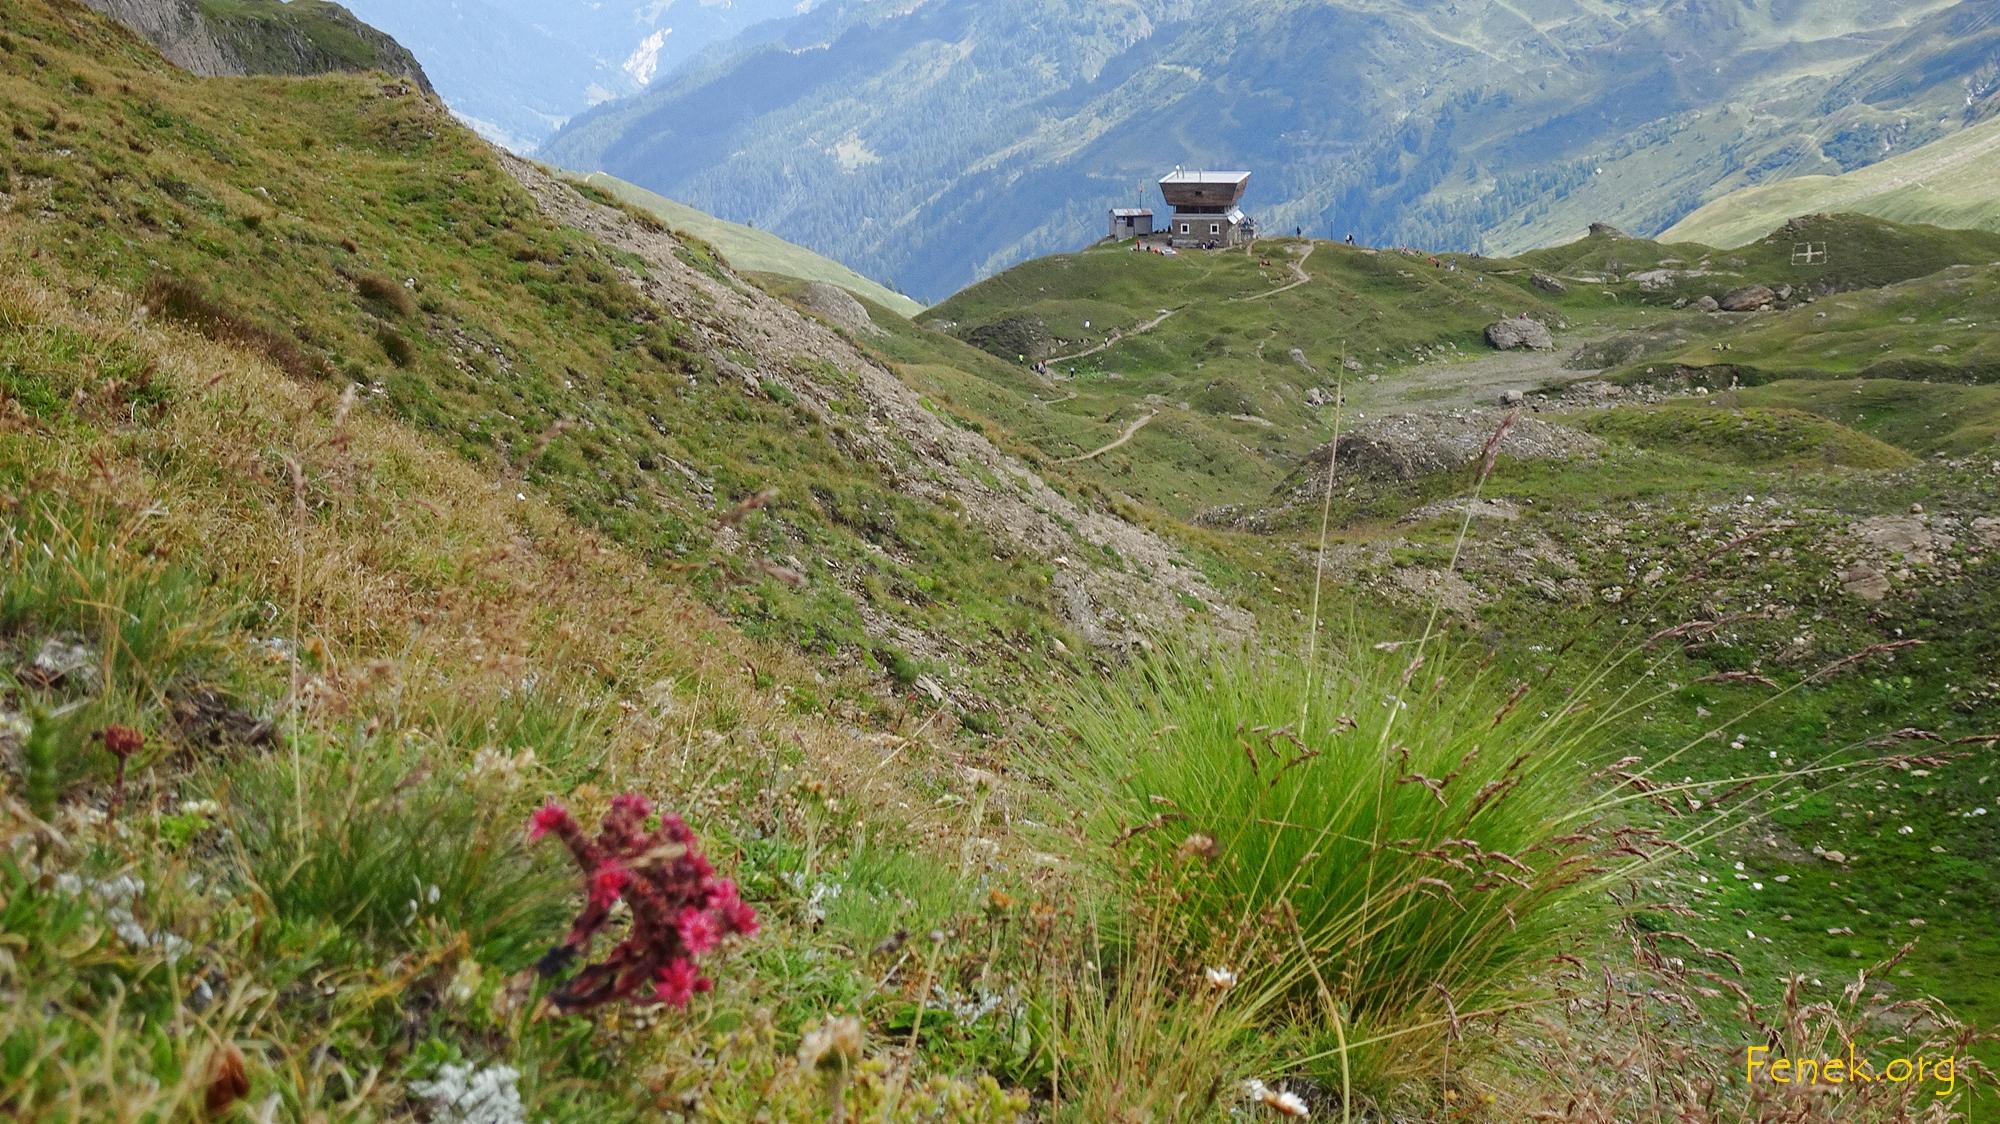 Hütte in Sicht